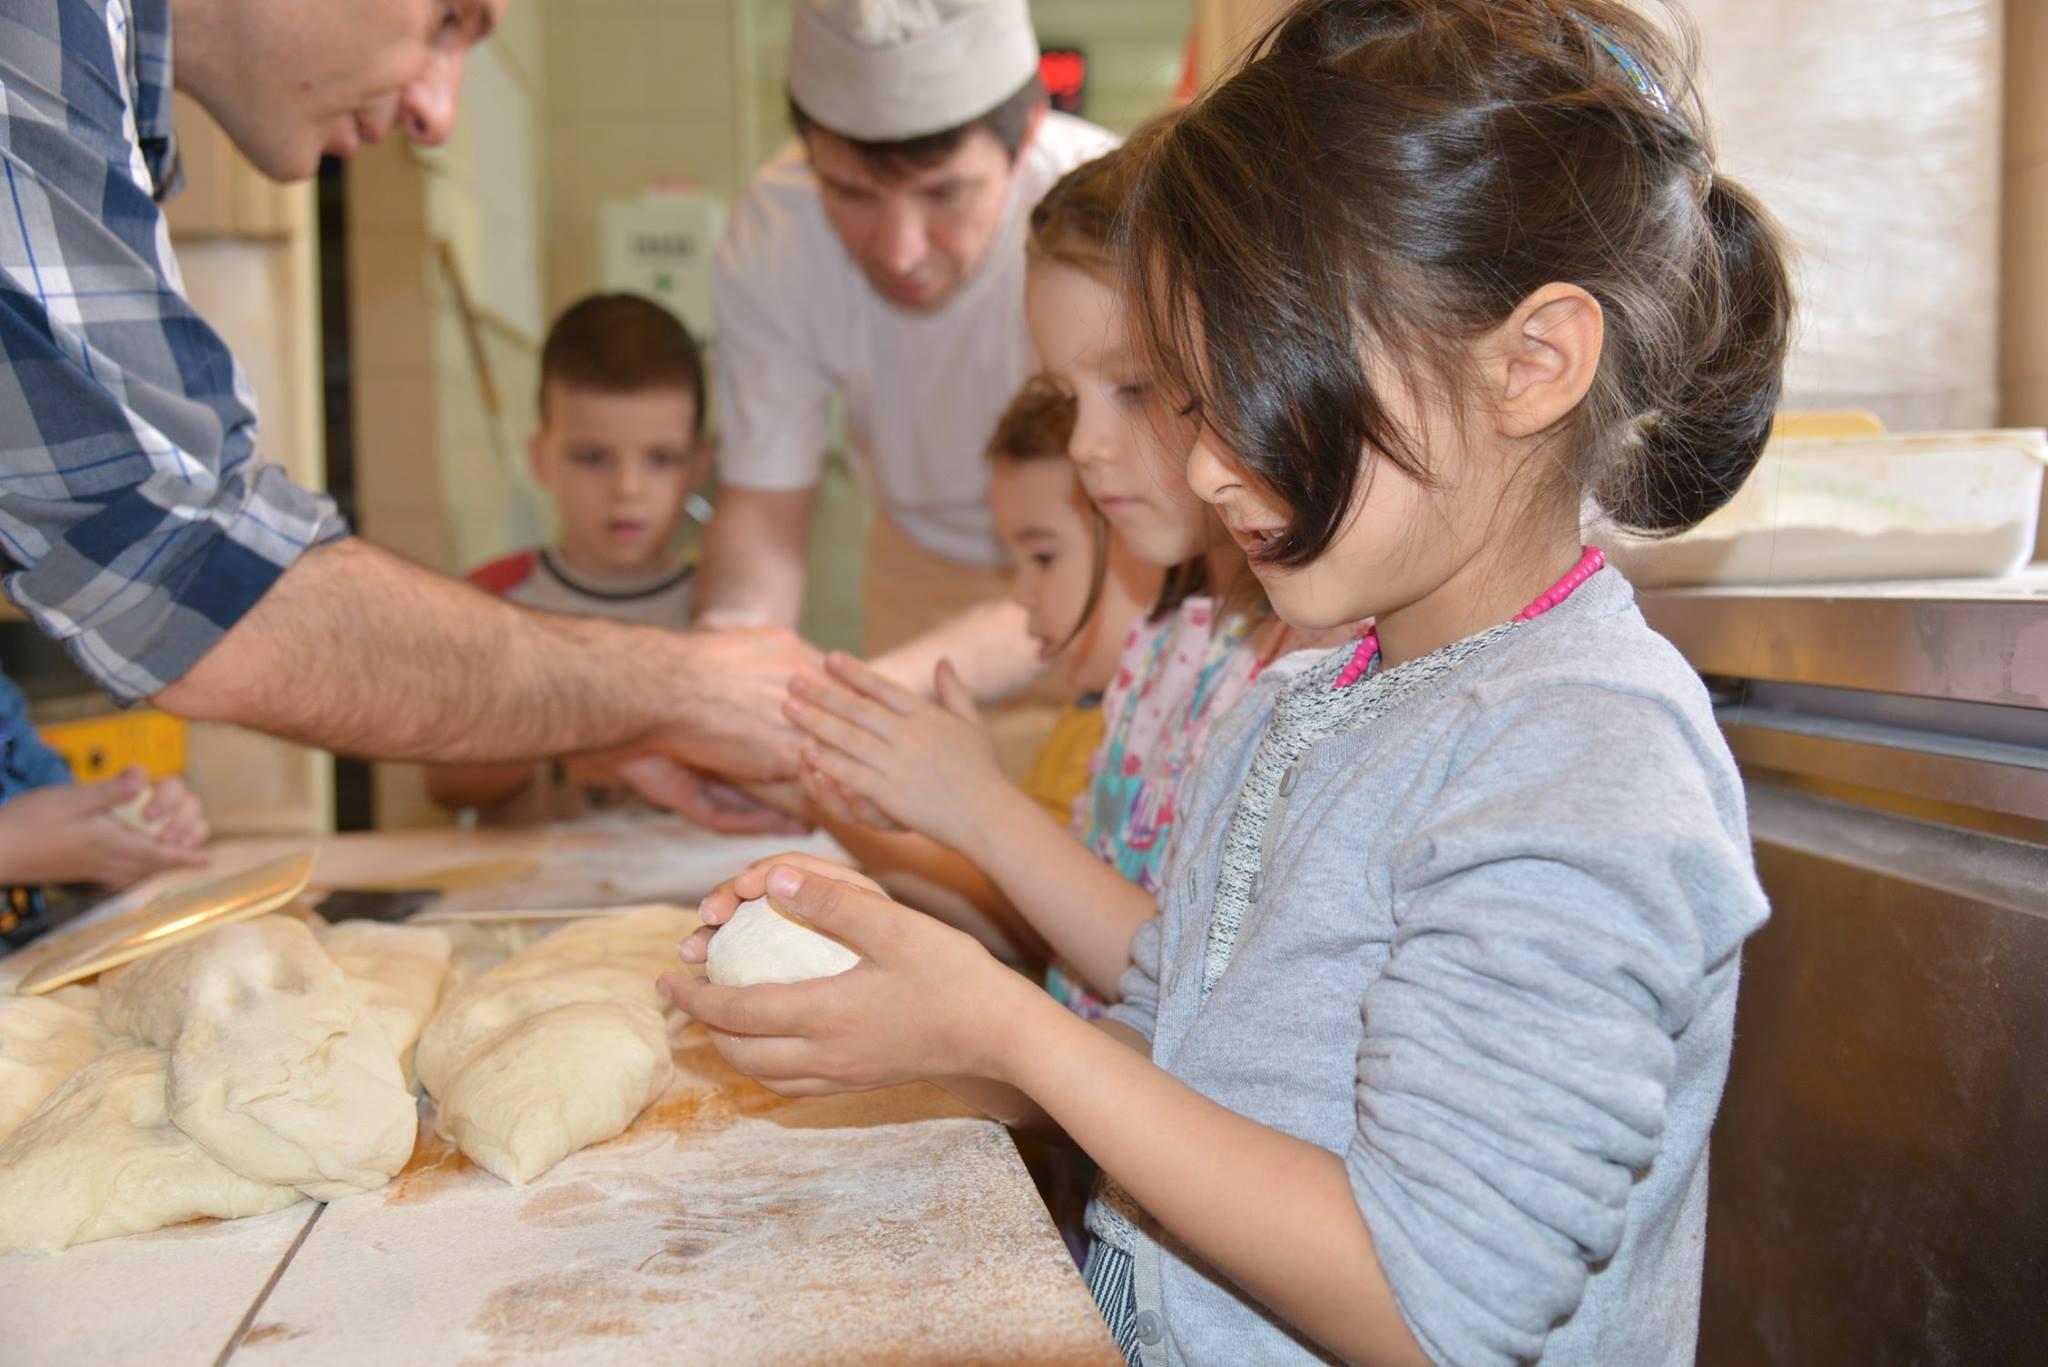 activitatisciale-scoalaaltfel-apr2015_14